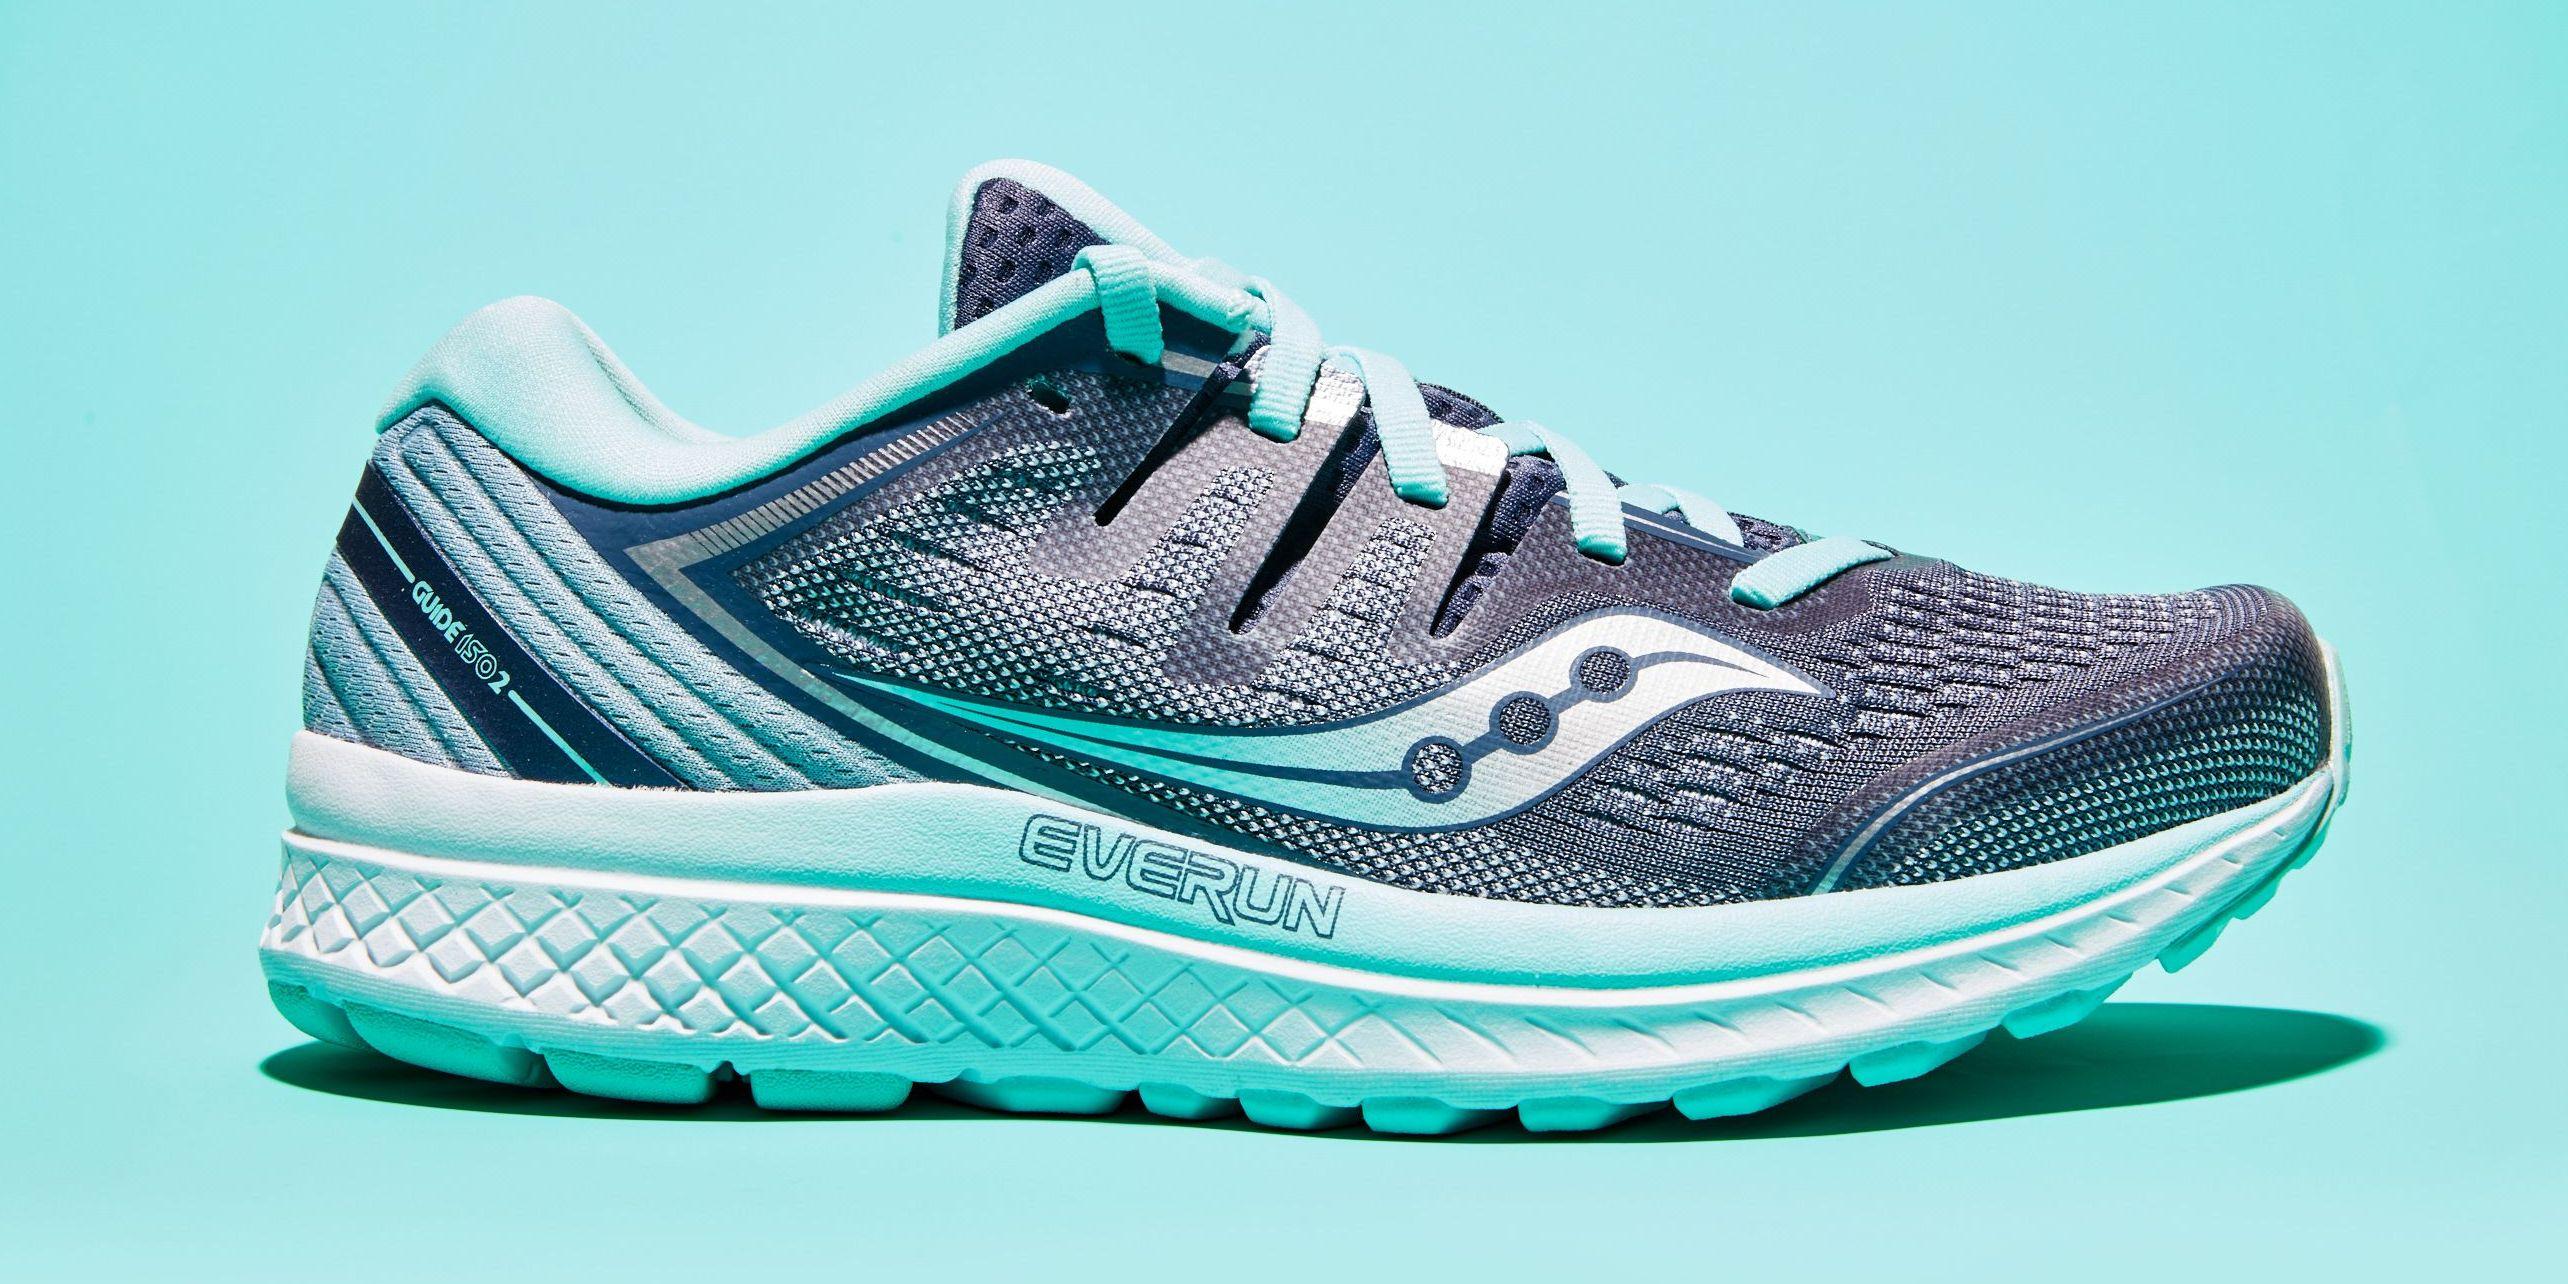 71ff0d0733b3 Best Saucony Running Shoes